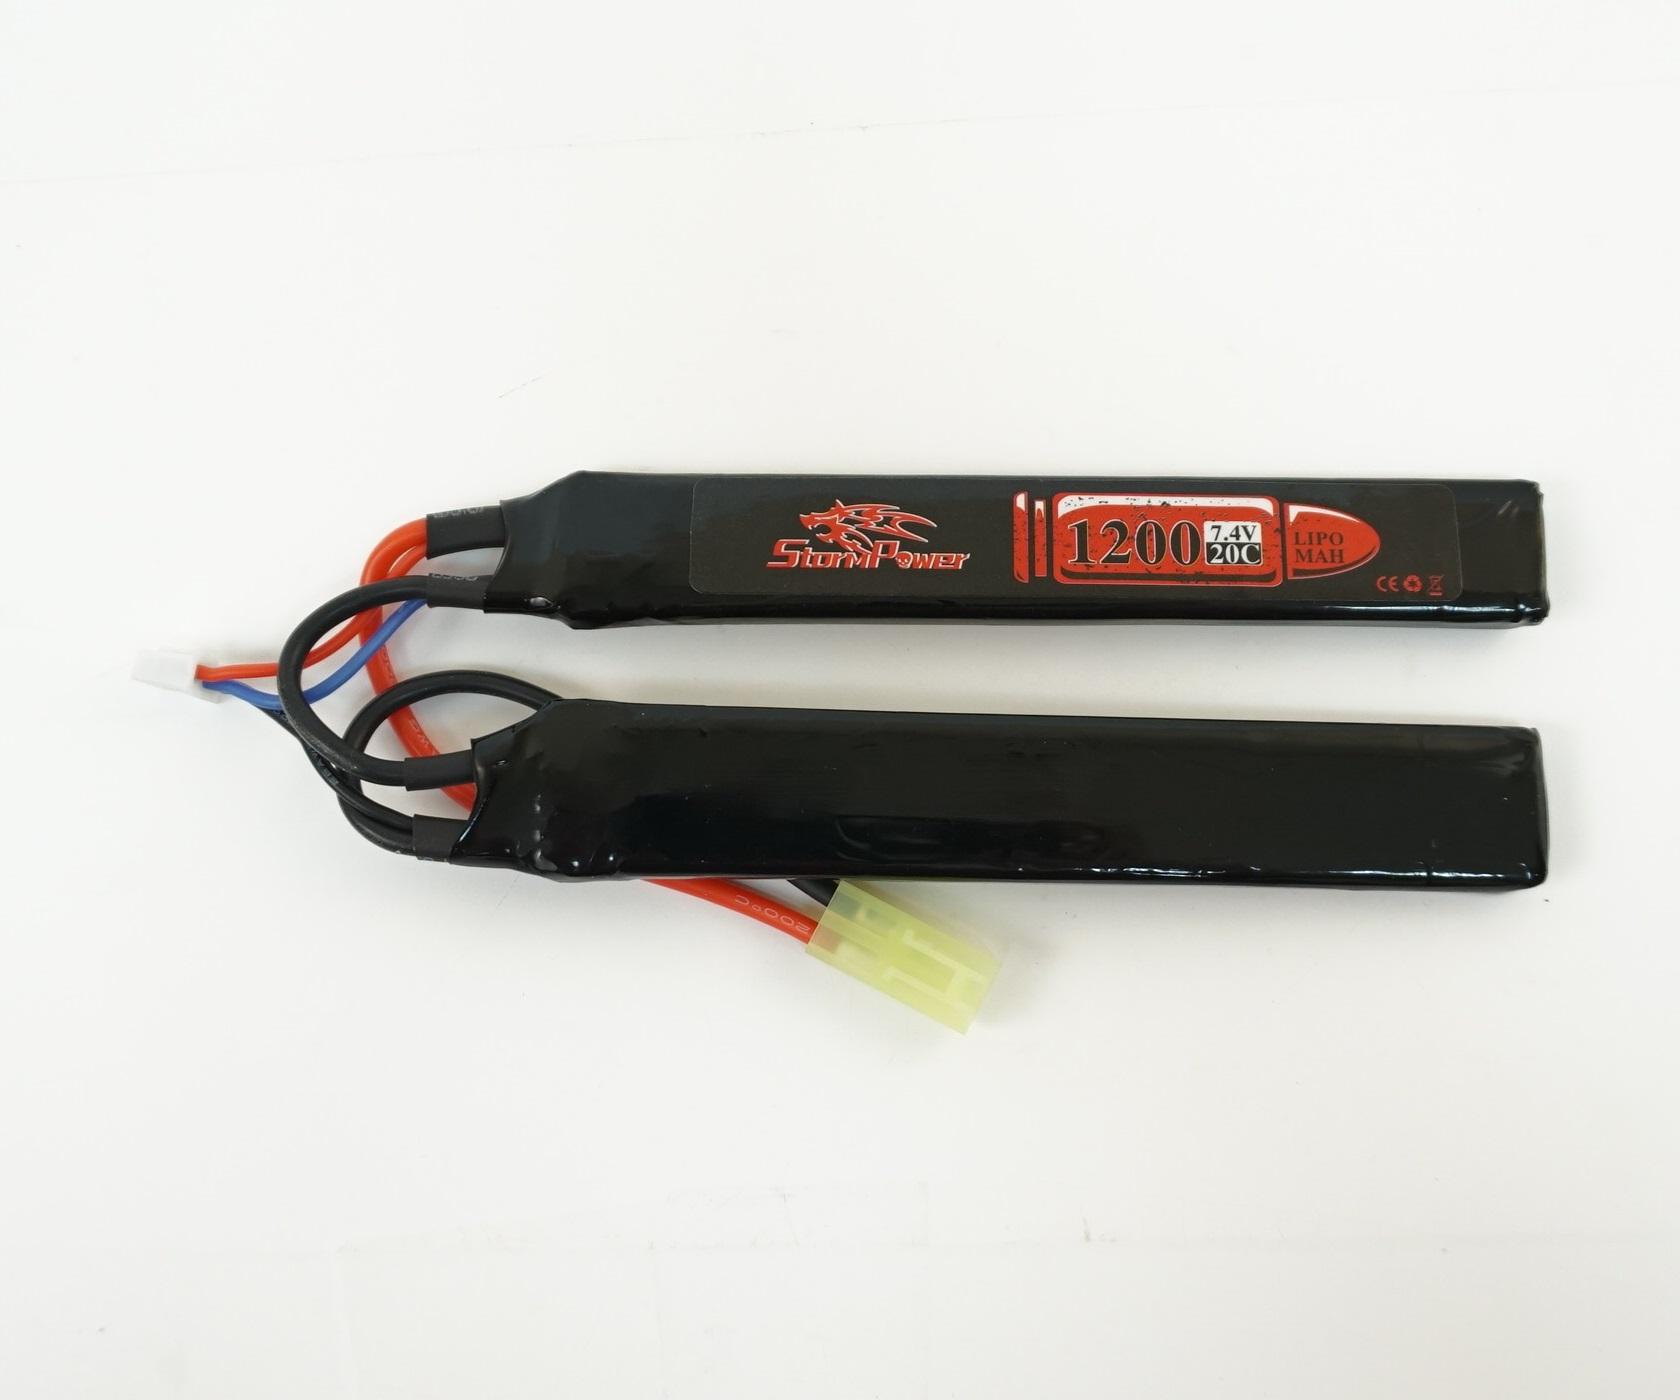 Аккумулятор Storm Power Li-Po 7.4V 1200mah 20C, 2 x (126x20x6) мм (SP-015)